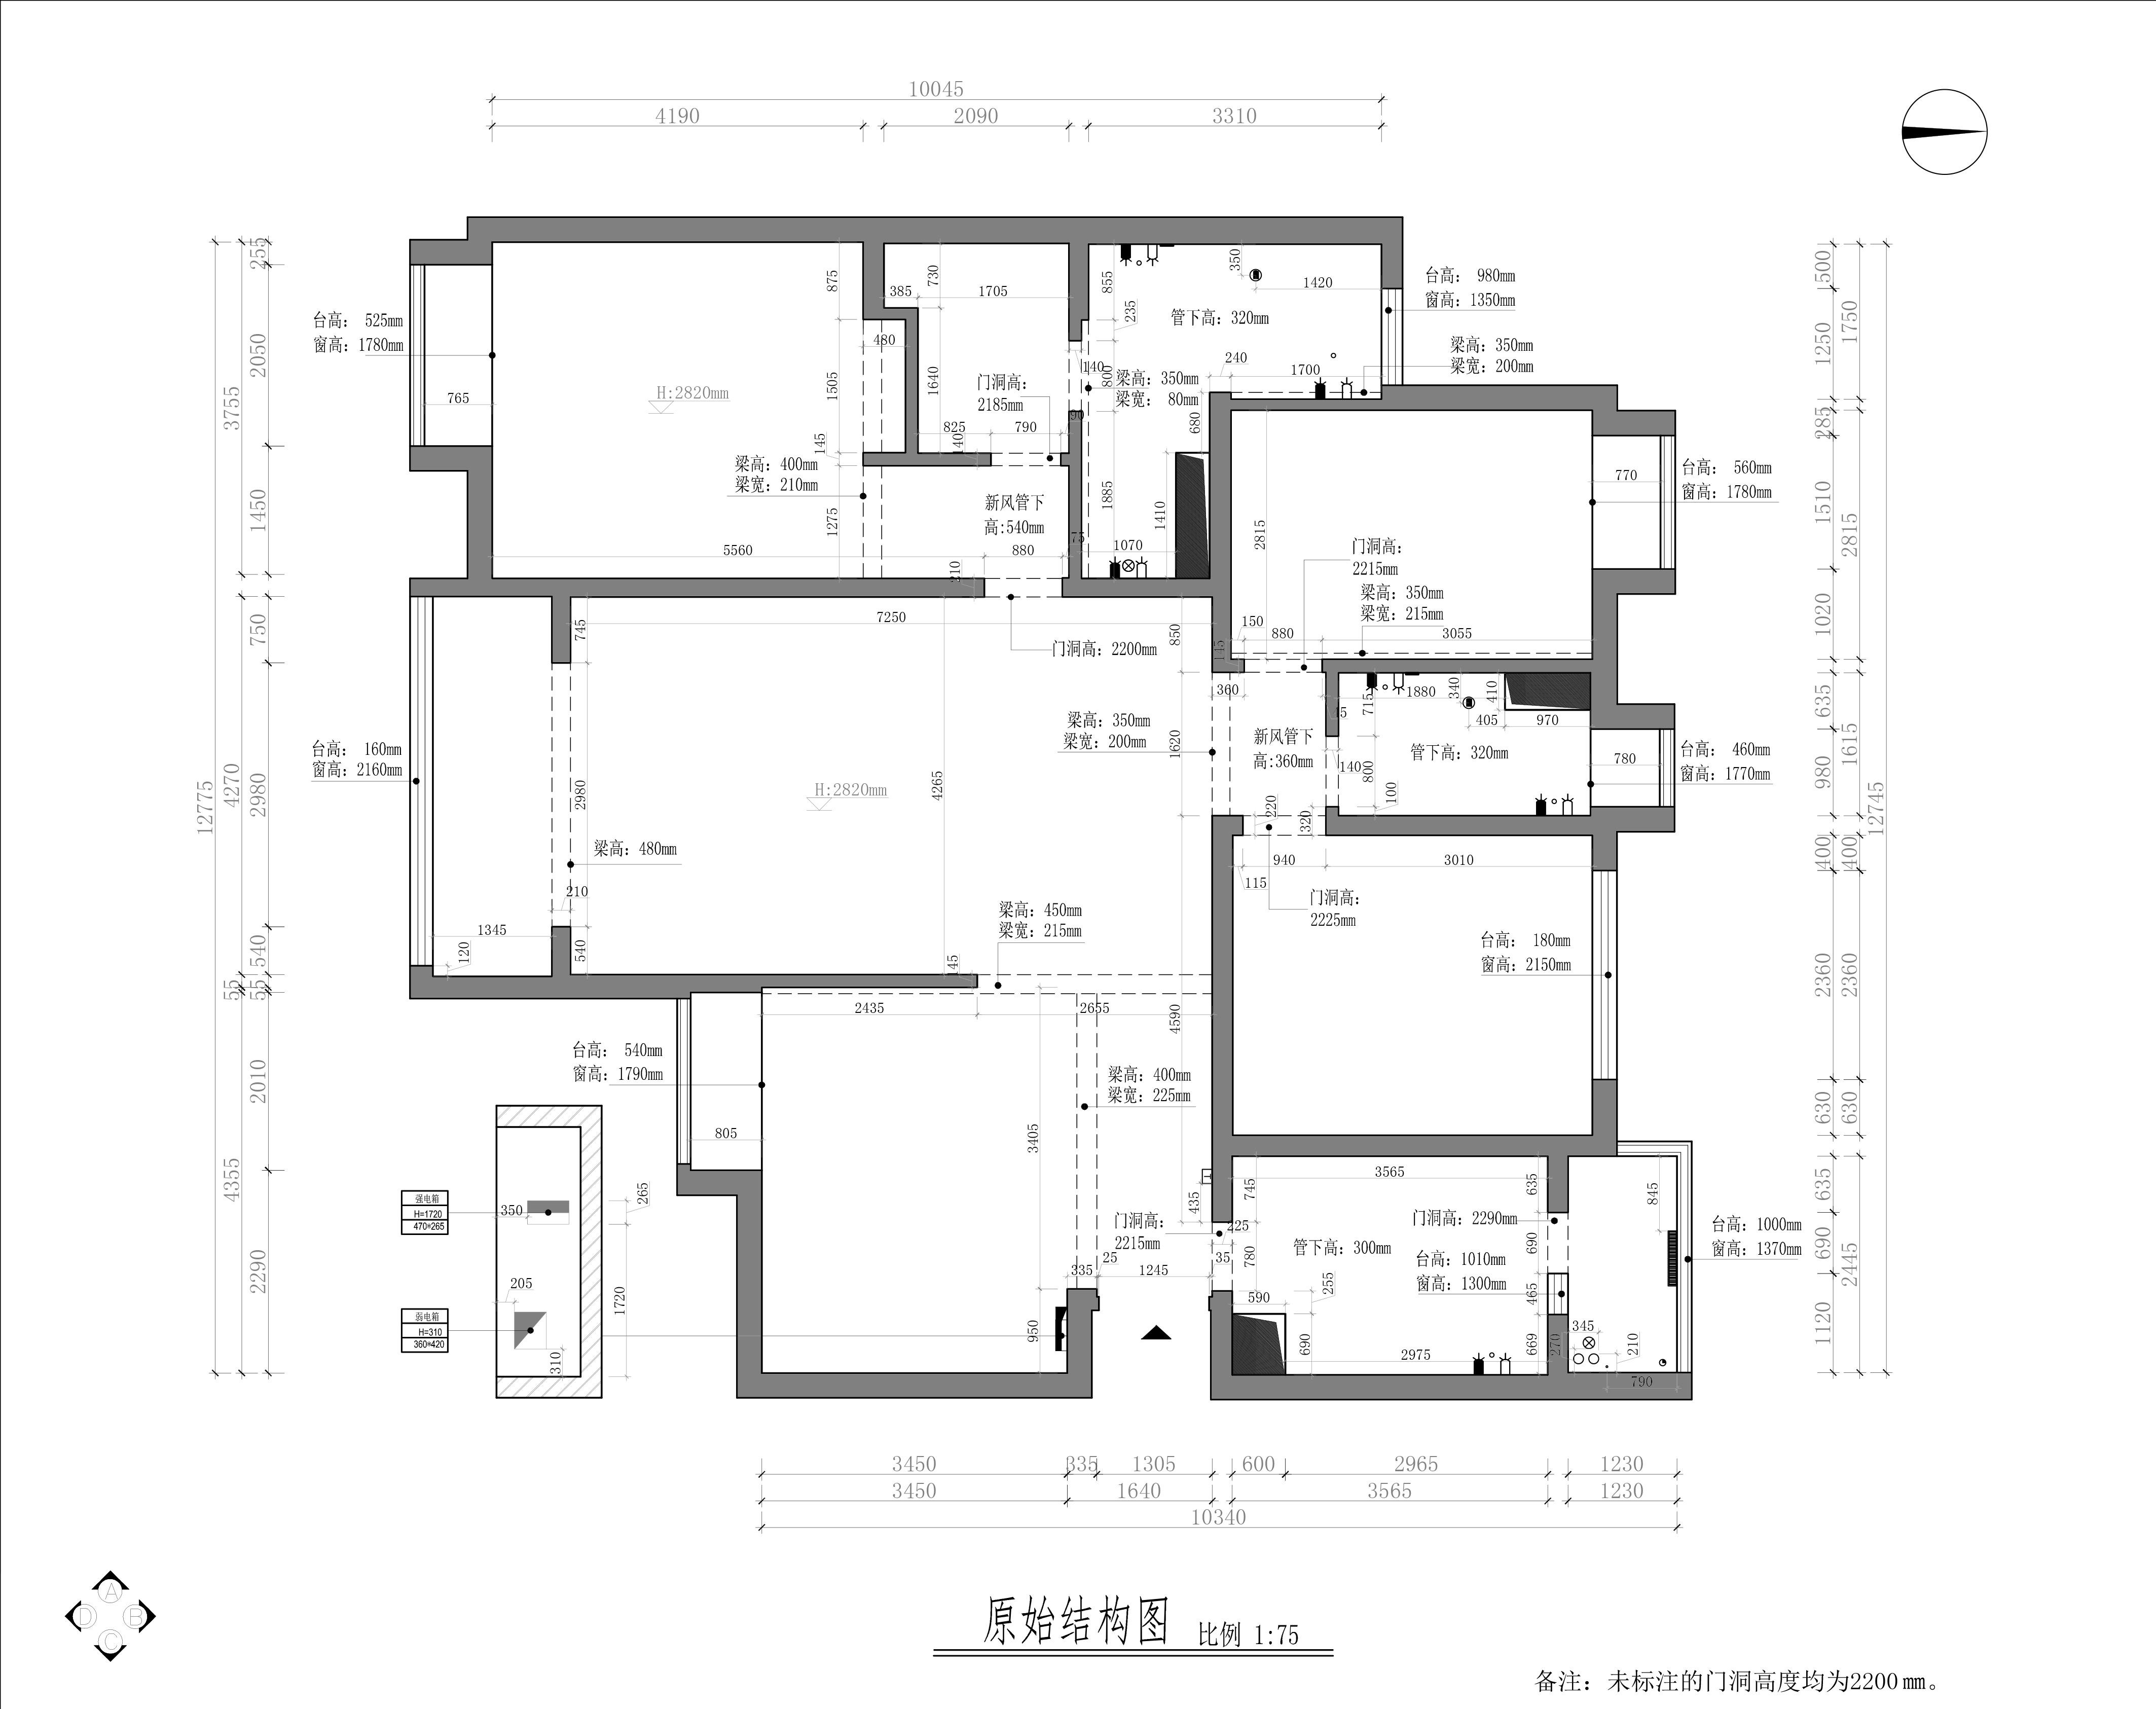 昌盛双喜城新中式180平米装修效果图装修设计理念